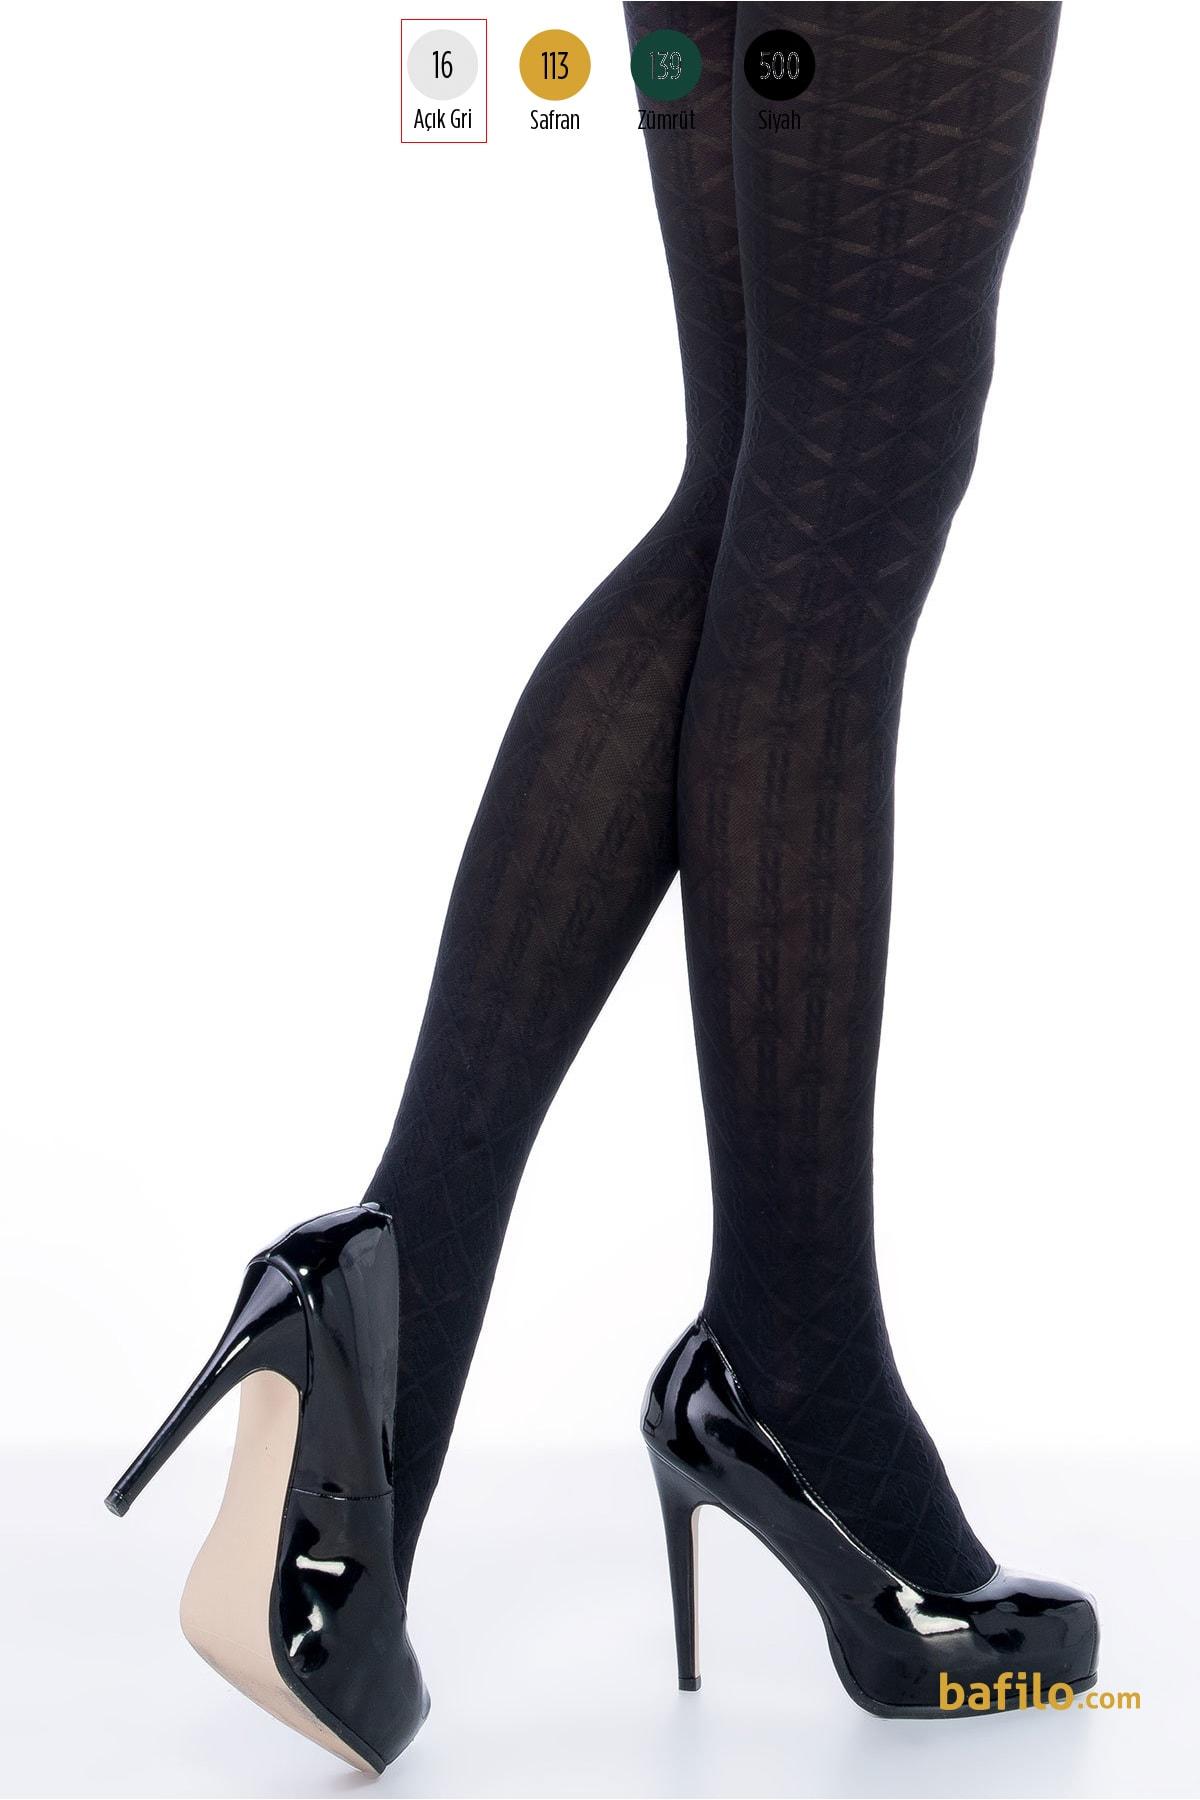 پنتی | Penti - جوراب شلواری طرح دار زنانه پنتی  Lola طوسی روشن